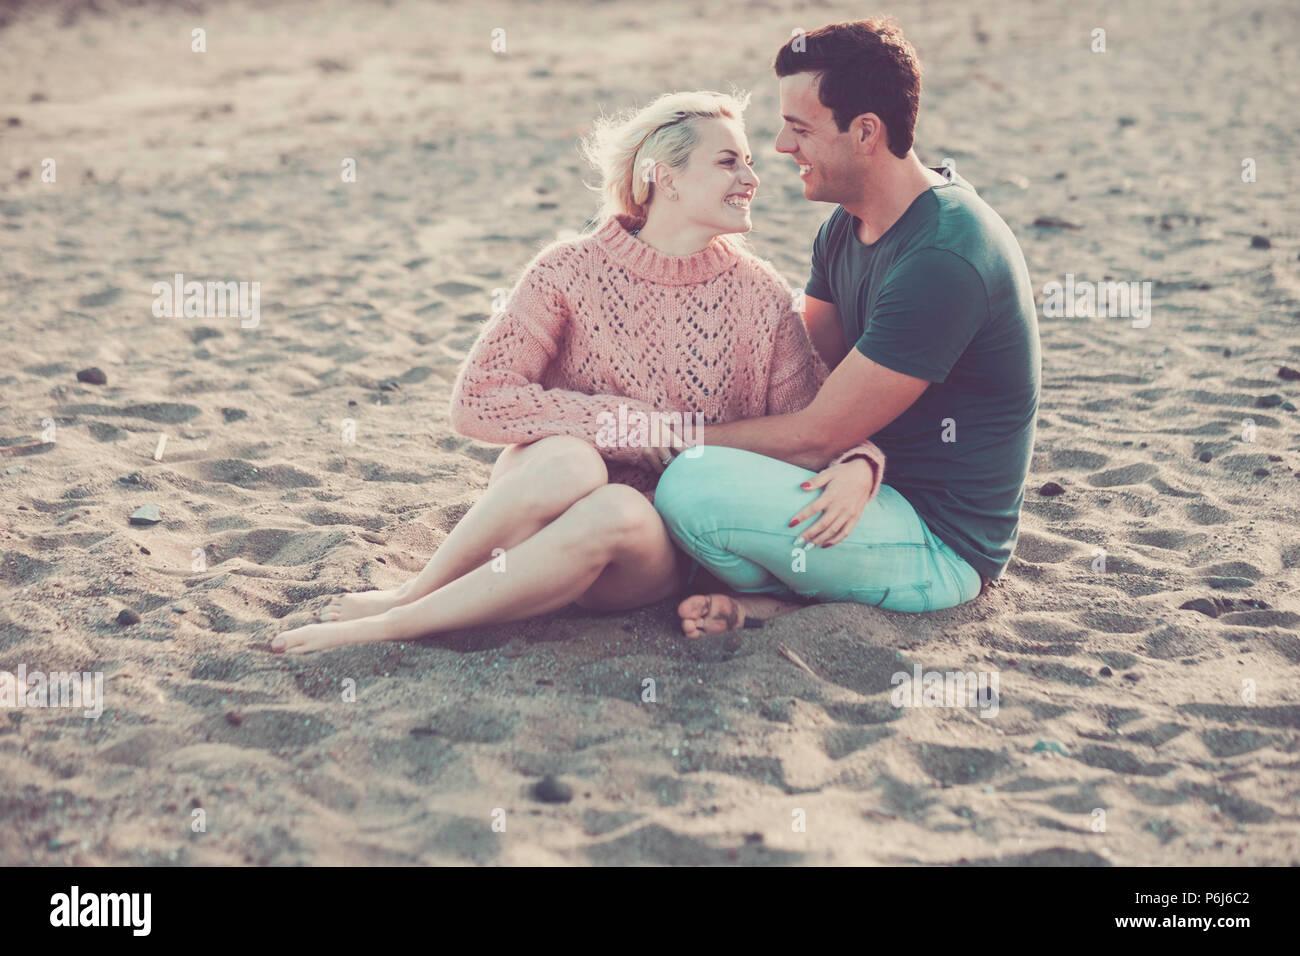 Hermoso modelo pareja joven caucásico y el hombre permanecer en el amor abrazando y sentado en la playa. blonde y pelo negro en relación leisu exterior Imagen De Stock